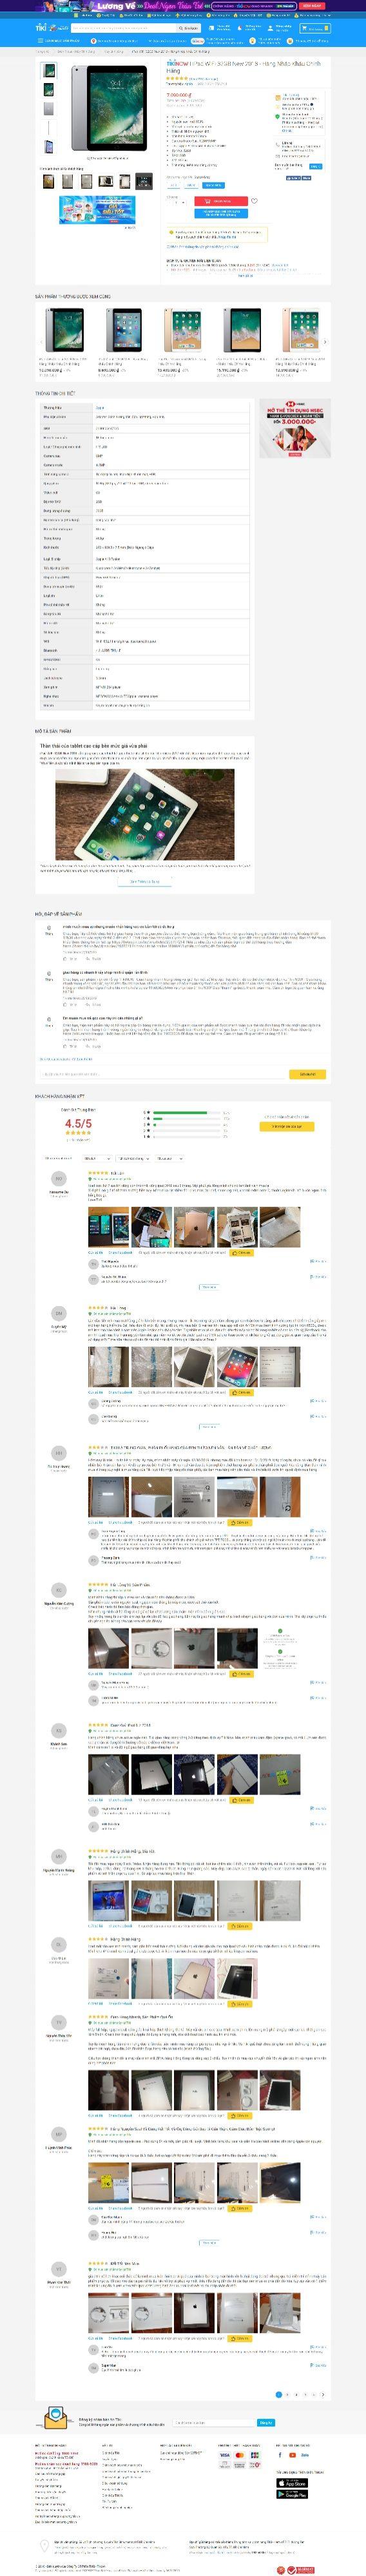 Tư vấn xây dựng website giống Tiki.vn giá rẻ bất ngờ